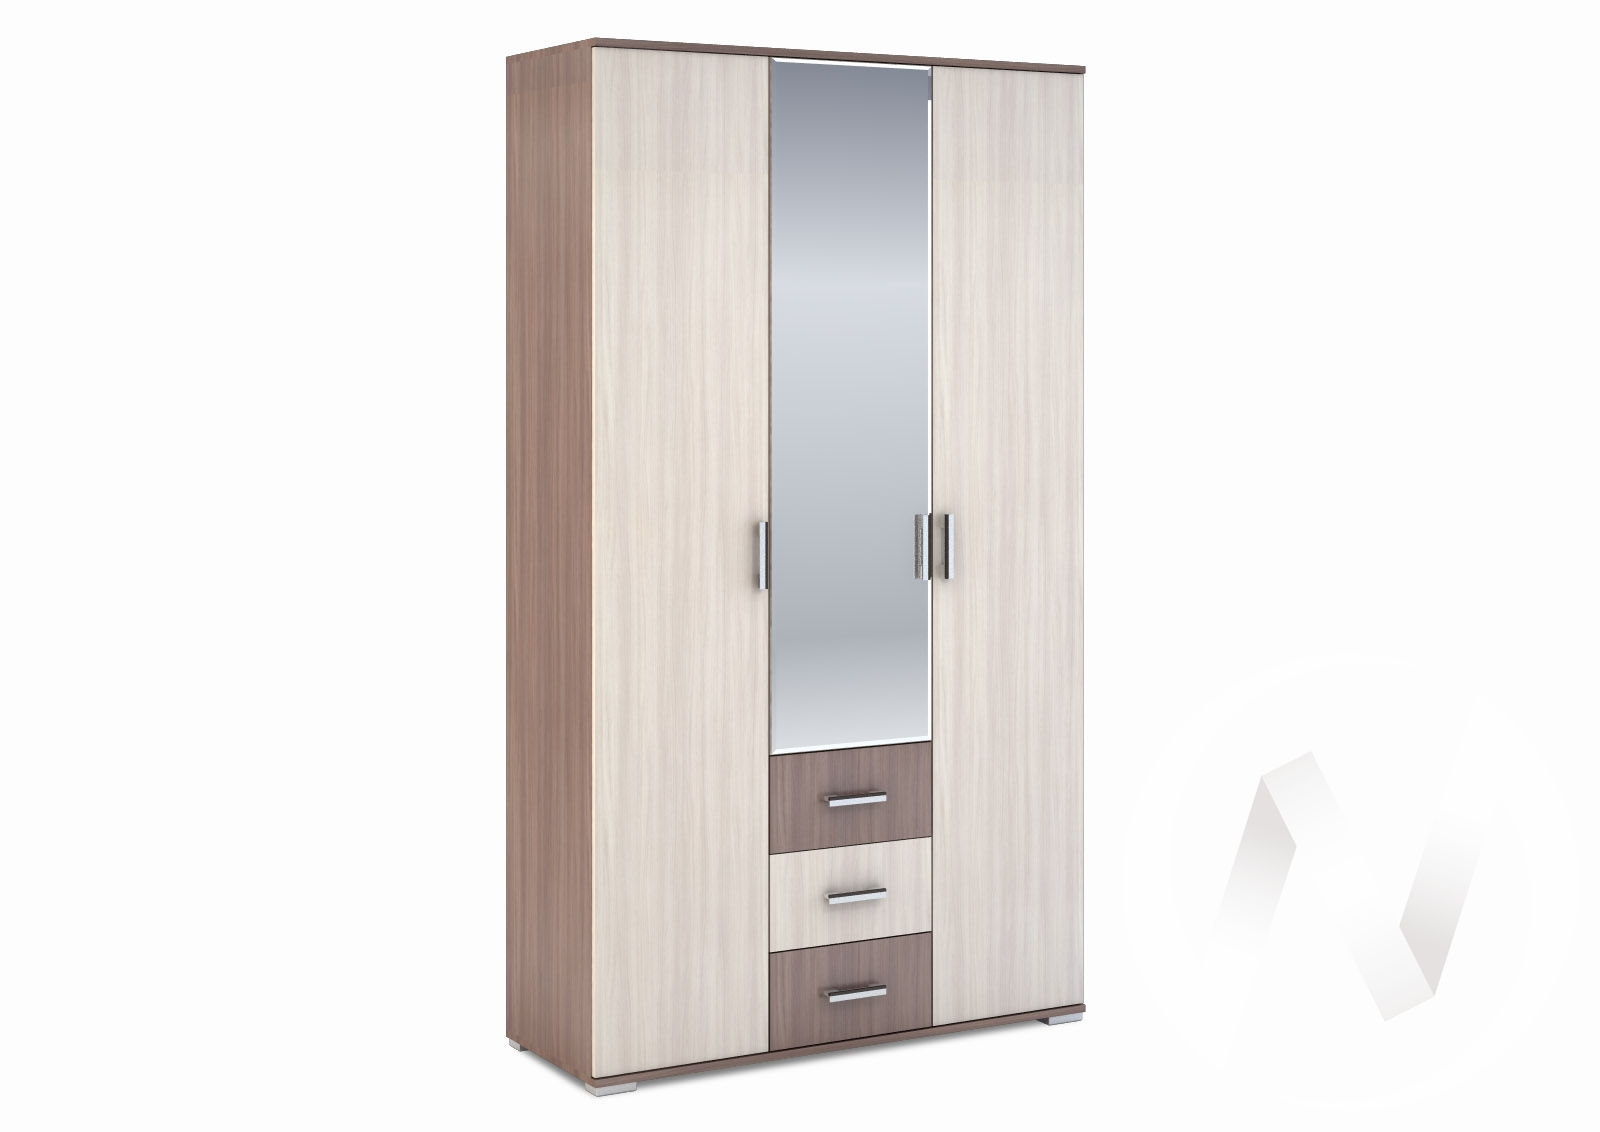 Шкаф 3-створчатый с ящиками 1200 Рошель (ясень шимо тем/ясень шимо свет) ШК-803